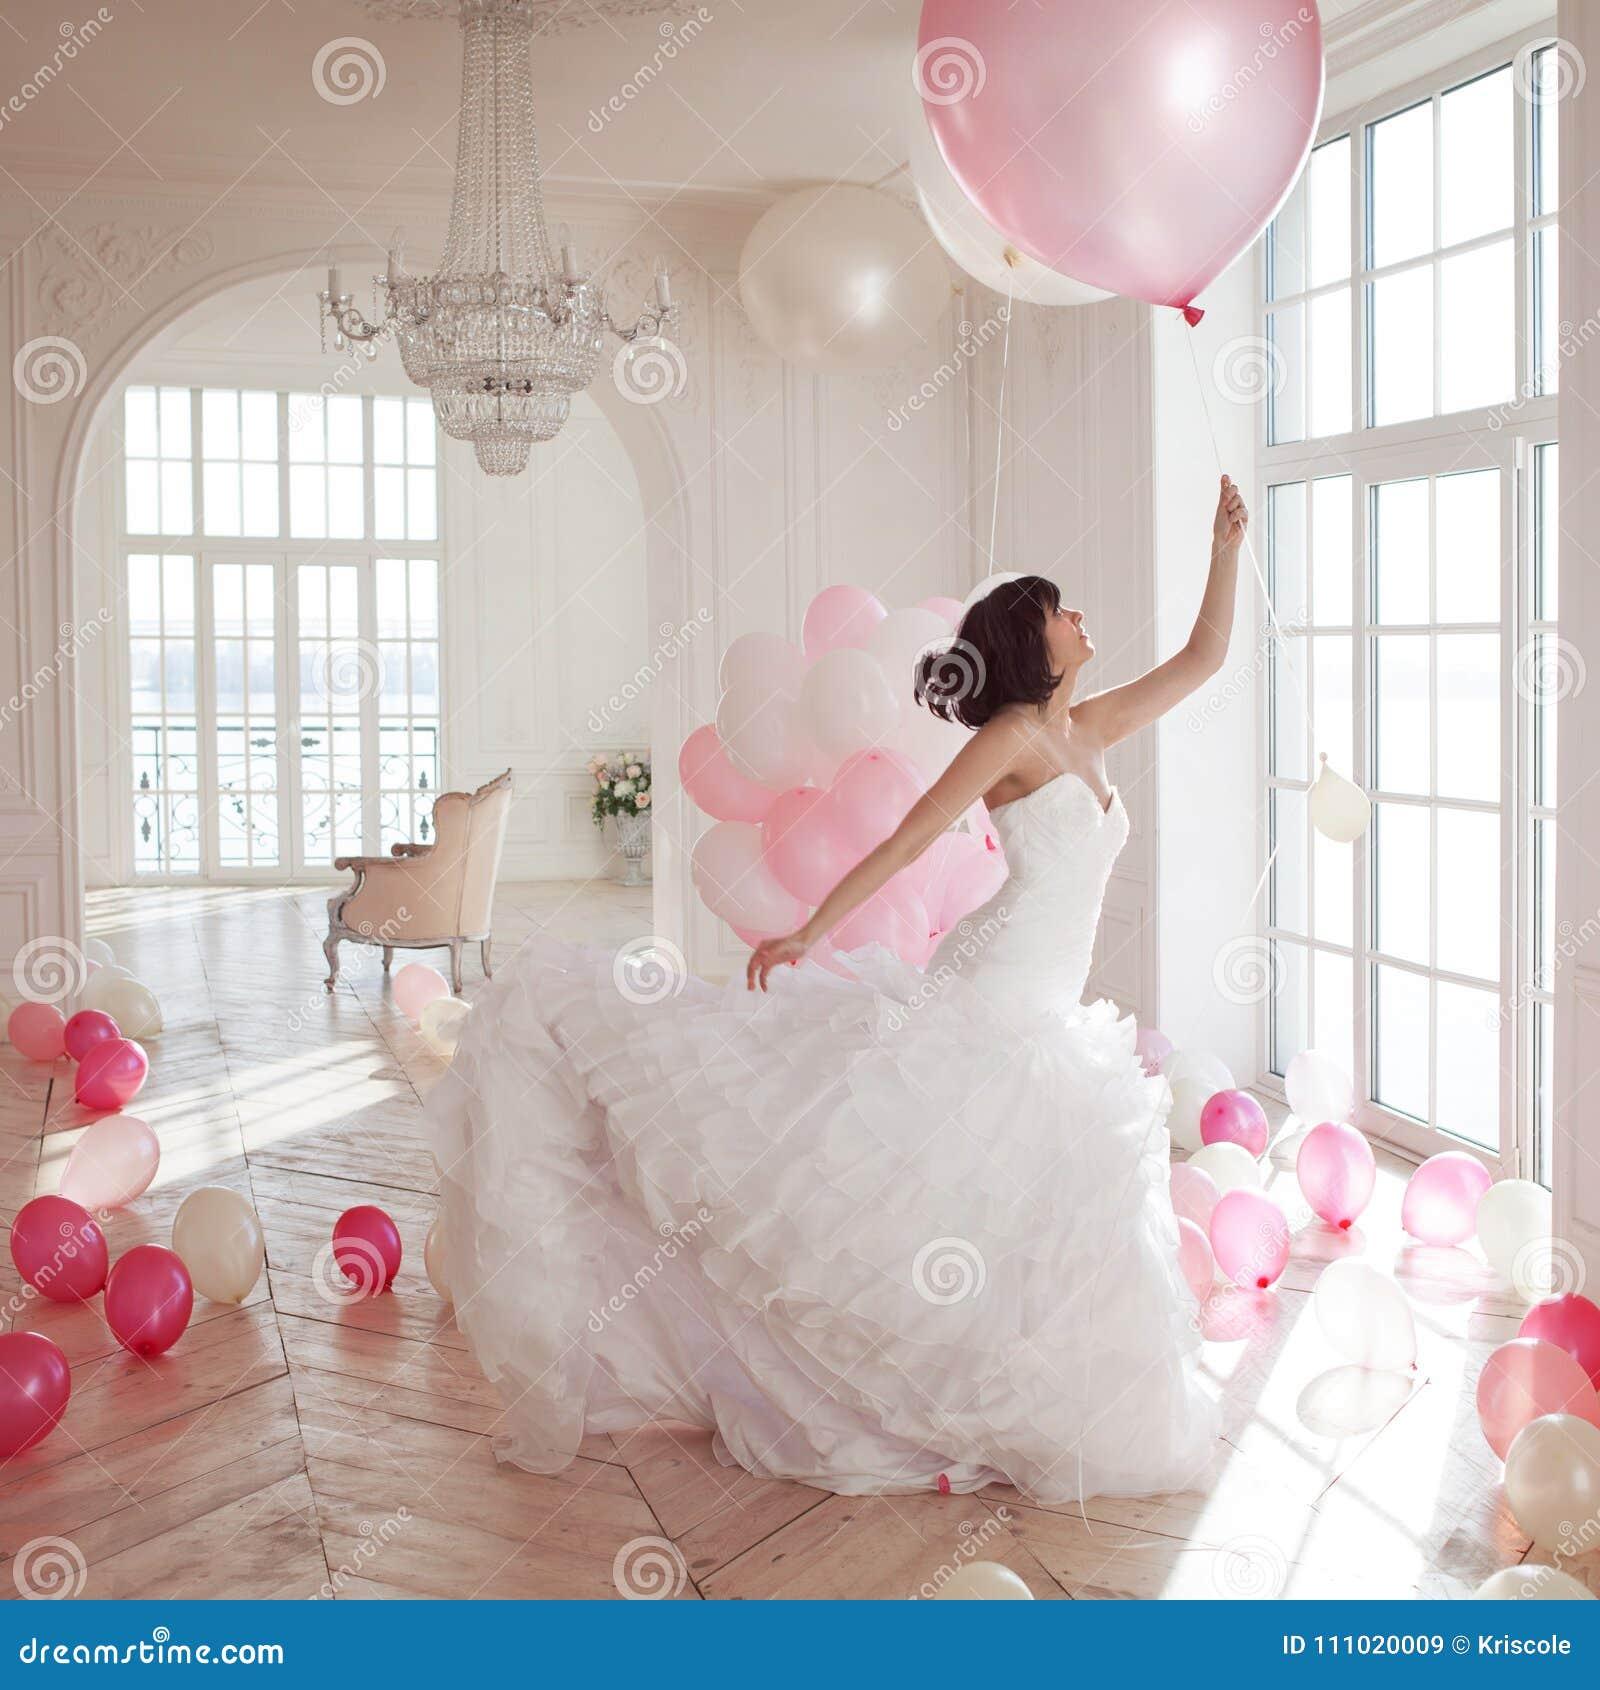 Luxe Robe Jeune Mariage Femme Vole De Dans La L'intérieur zqOwvx0q